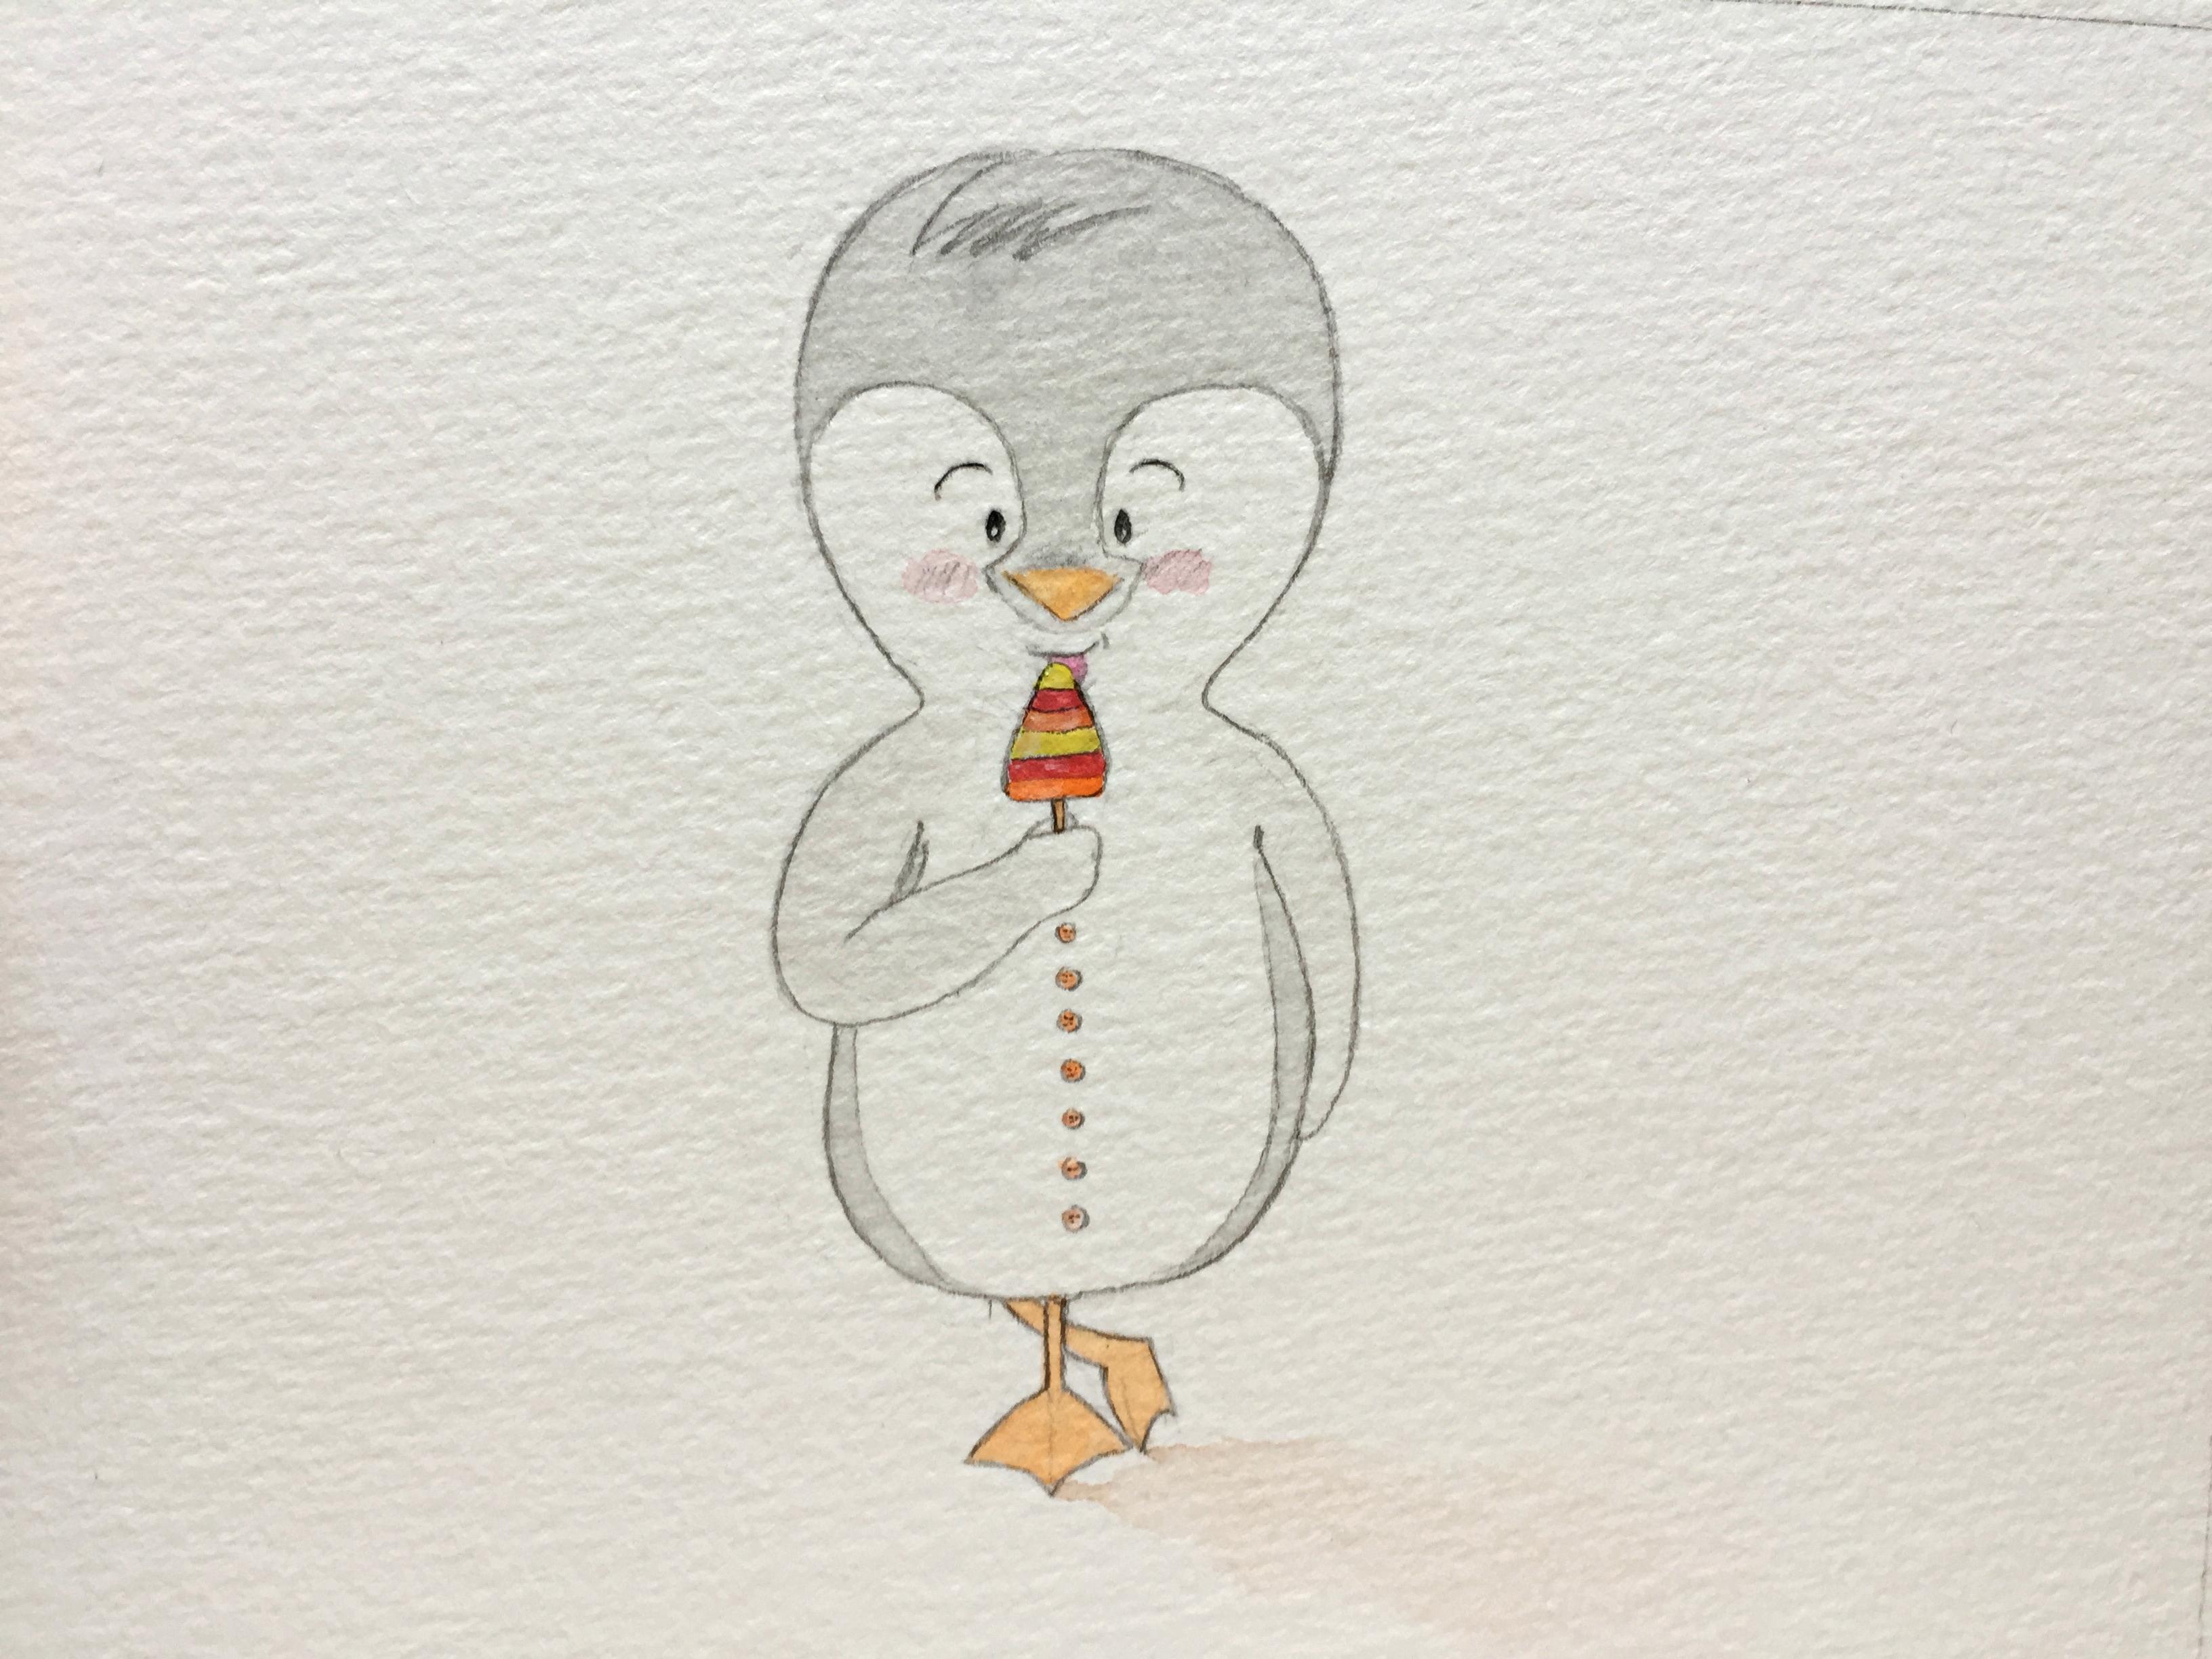 Pinguouin esquimeau